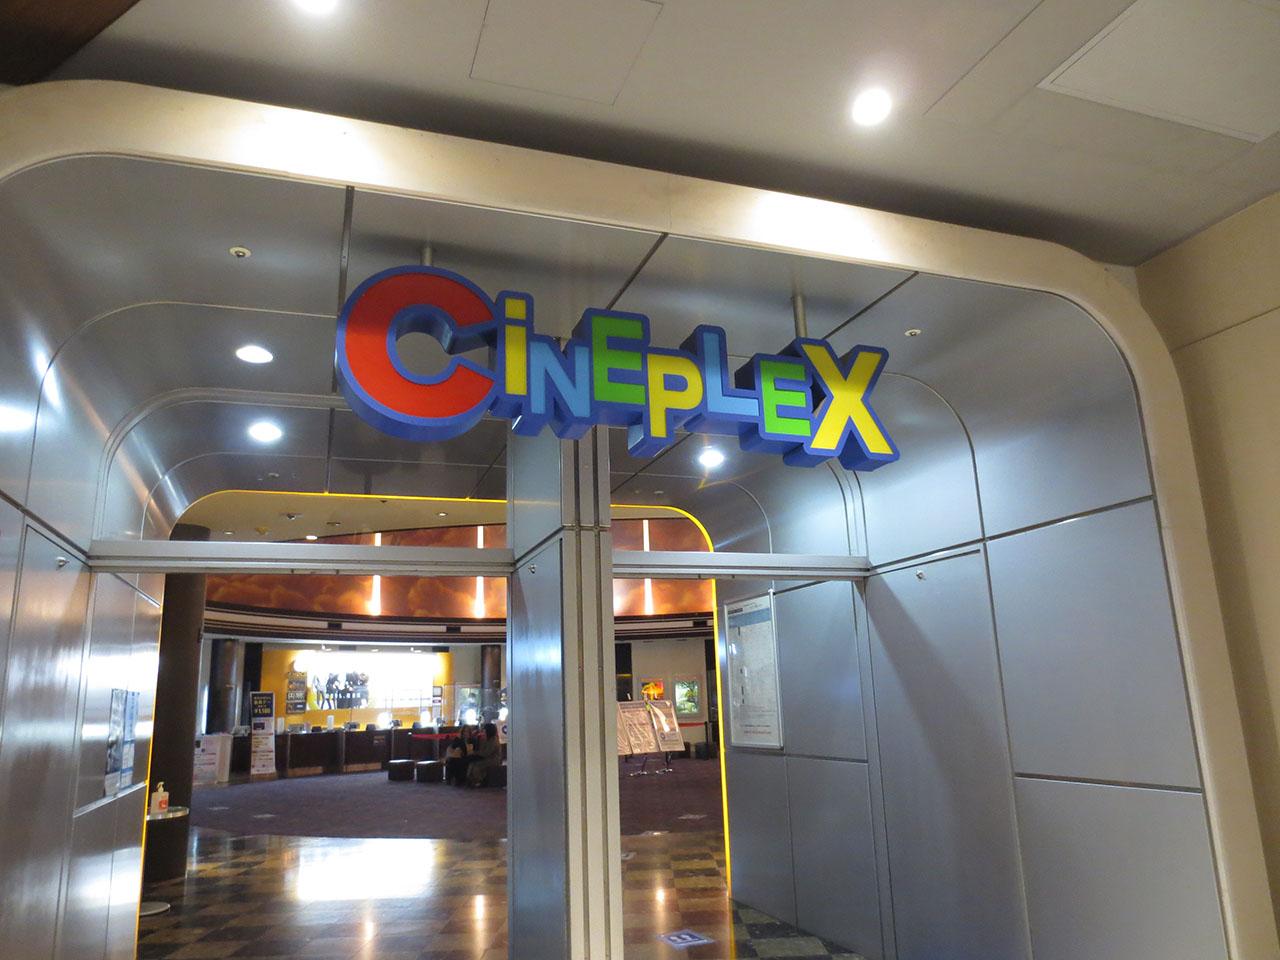 CINEPLEX(シネプレックス)幕張の外観